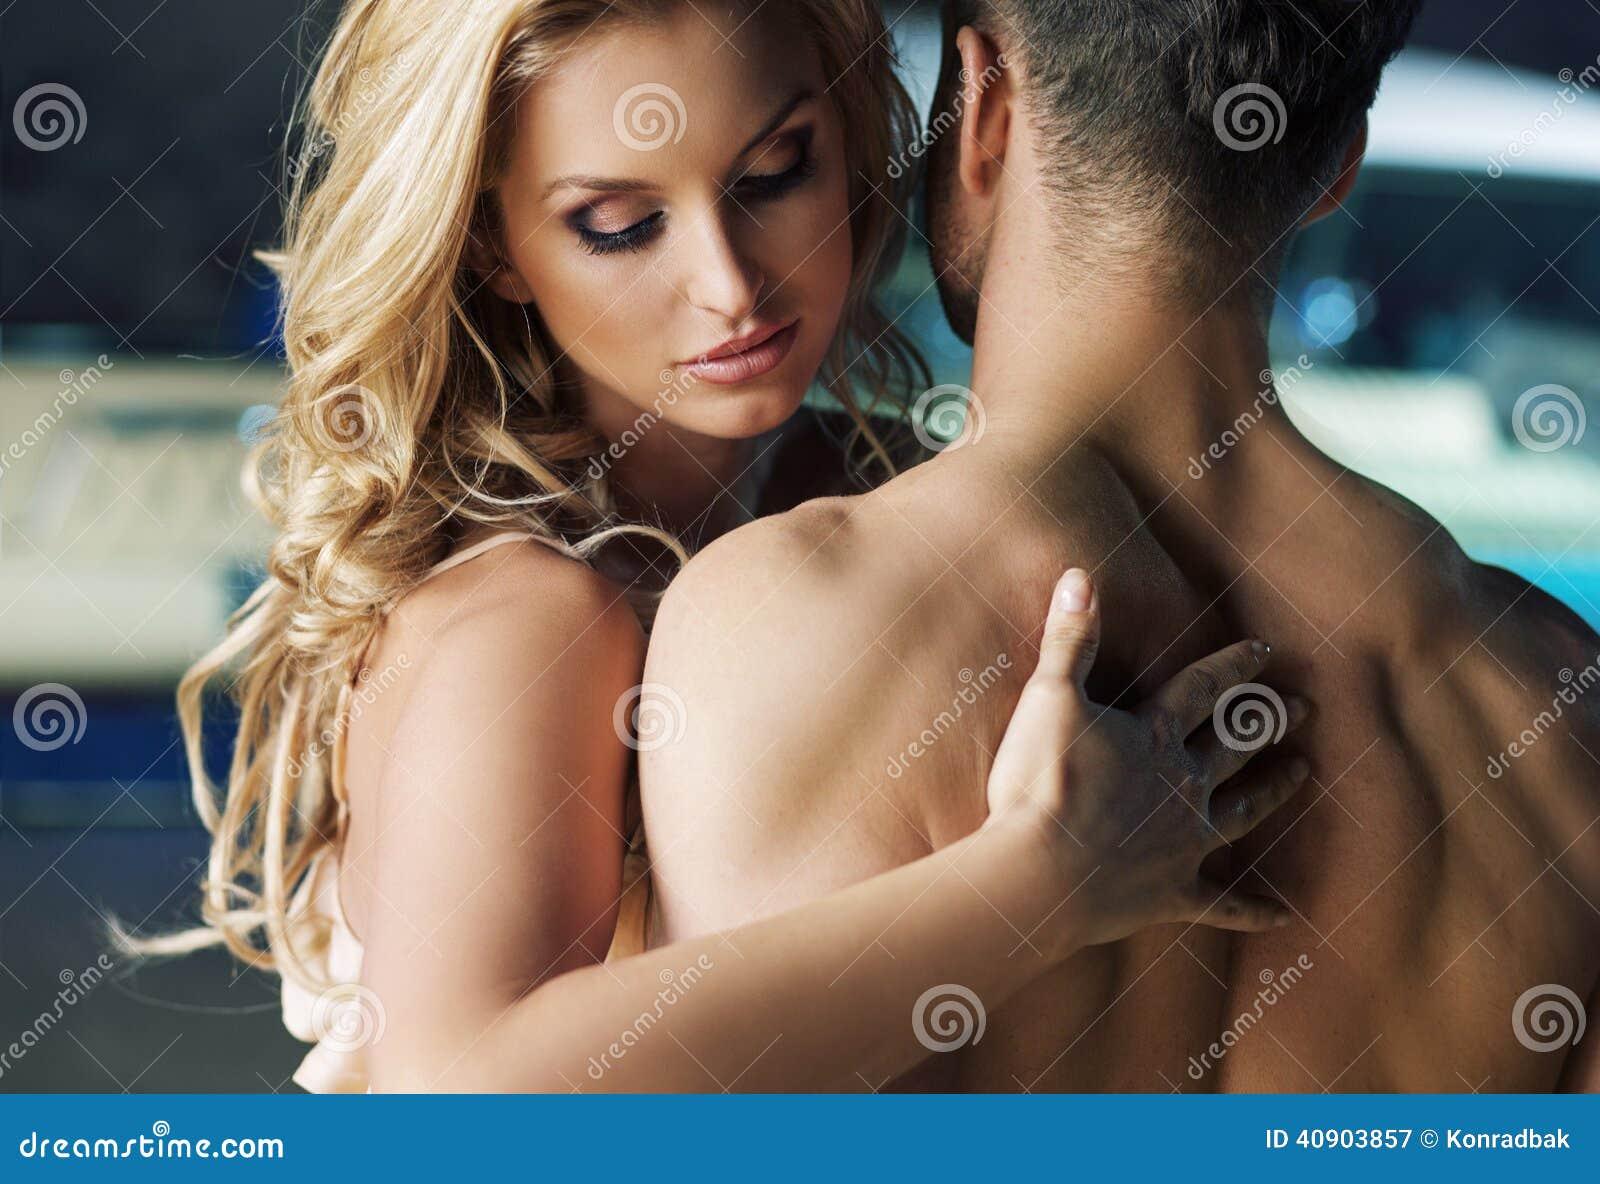 Natur der paare nackte in Sexy FKK